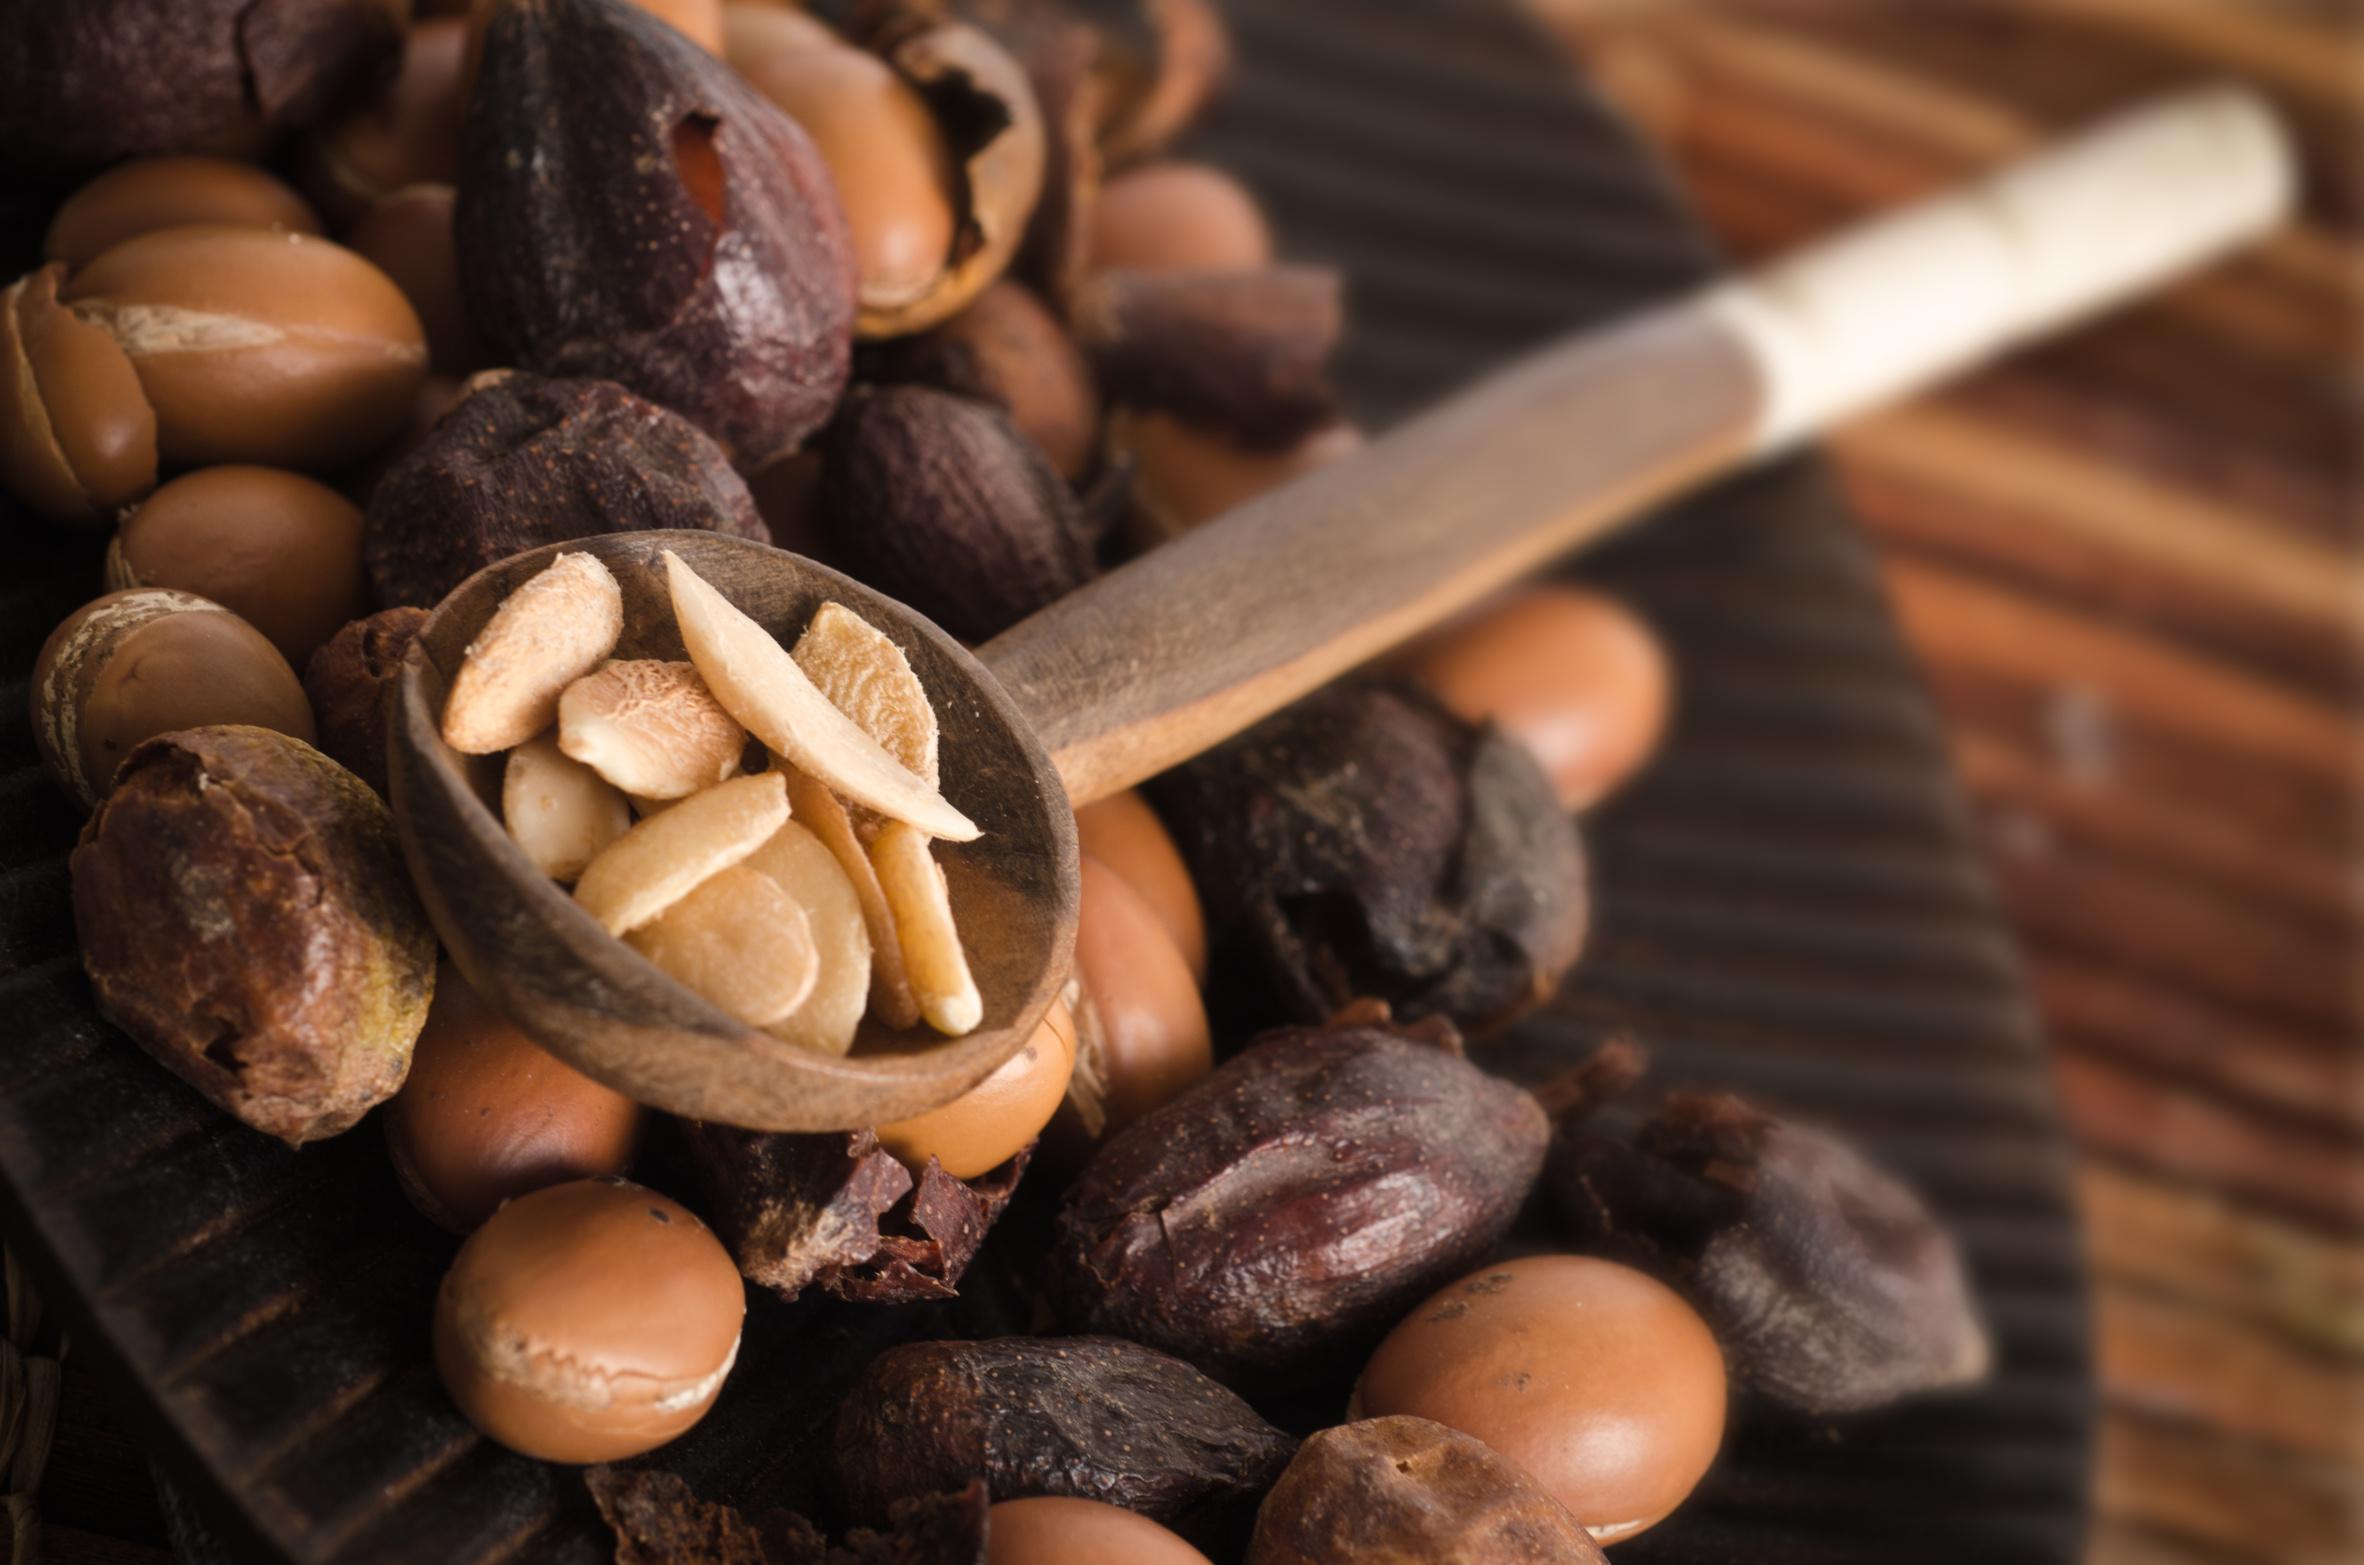 Olej arganowy w kuchni. Drogocenny olej z Maroka. Przepis na Amlou ? marokańską nutelle